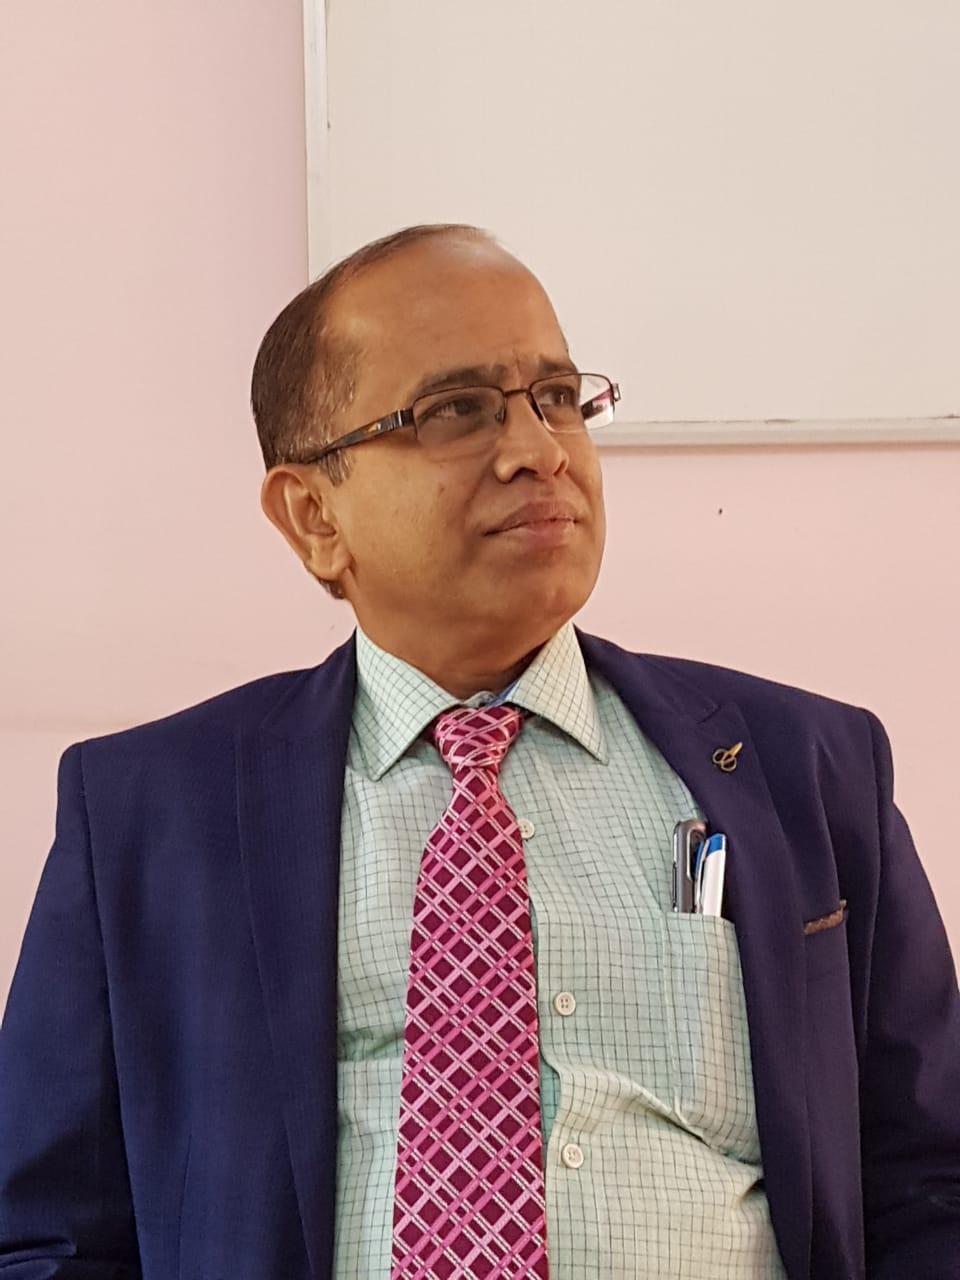 பட்ஜெட்டில் விவசாயம் - பேராசிரியர் பாலசுப்ரமணியன்